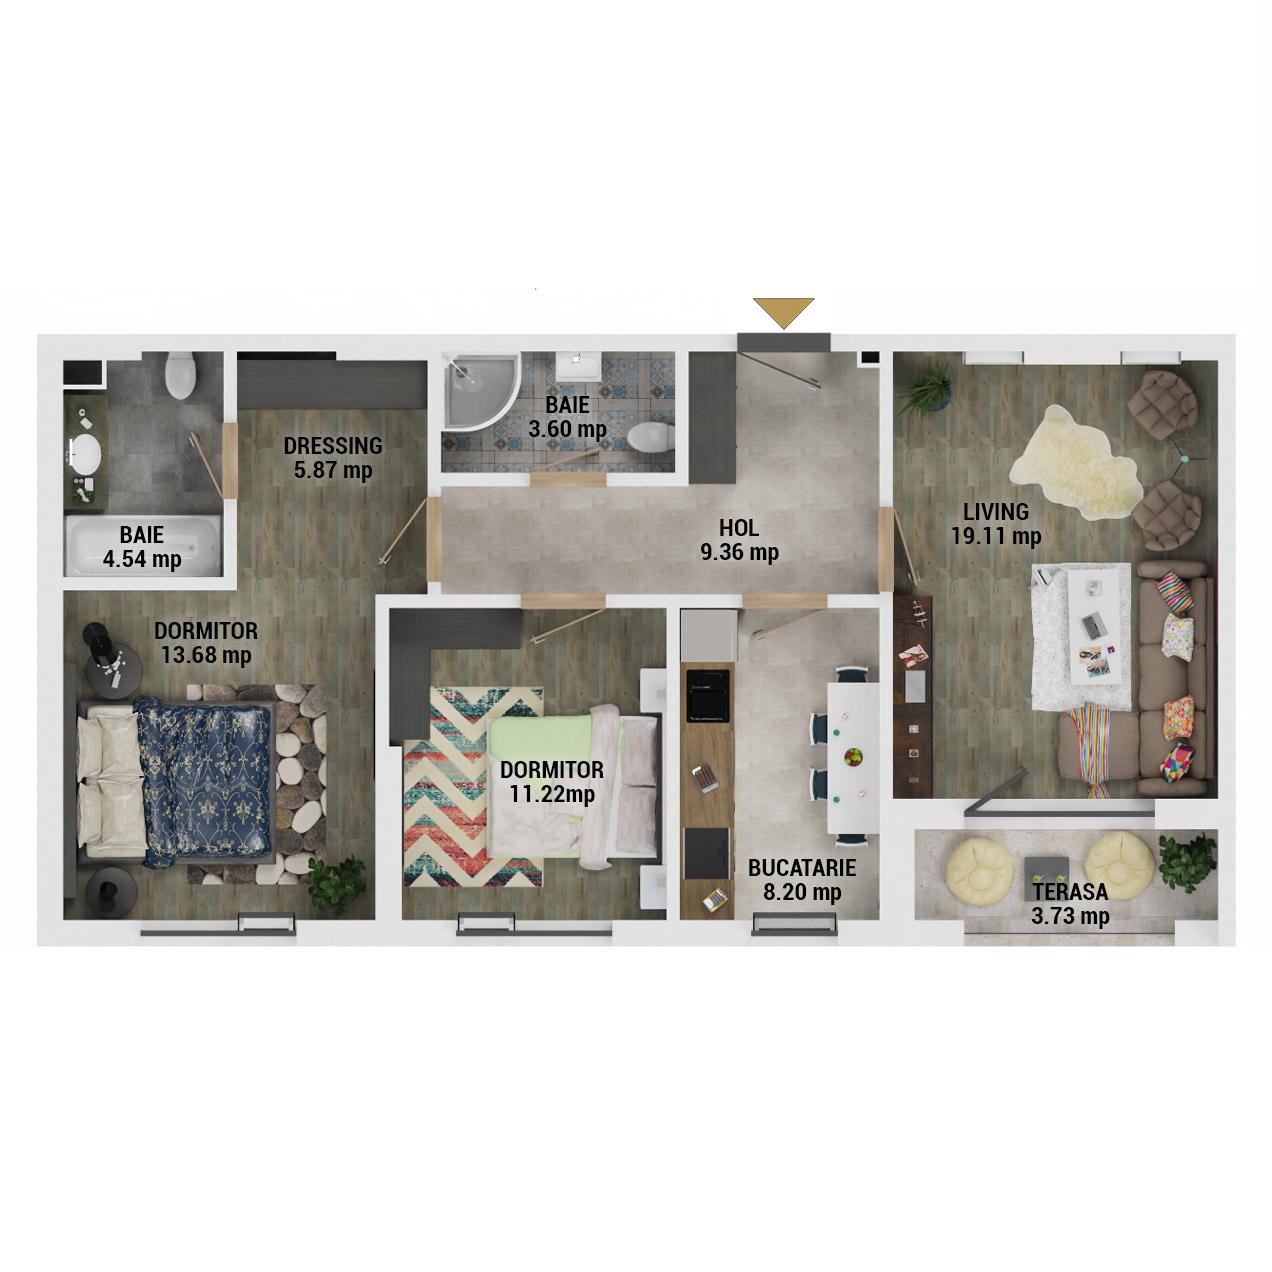 Apartamente 3 camere de vanzare Bucuresti - Uverturii Residence - Militari - Lujerului - Gorjului - Tip 2D - T2 - D